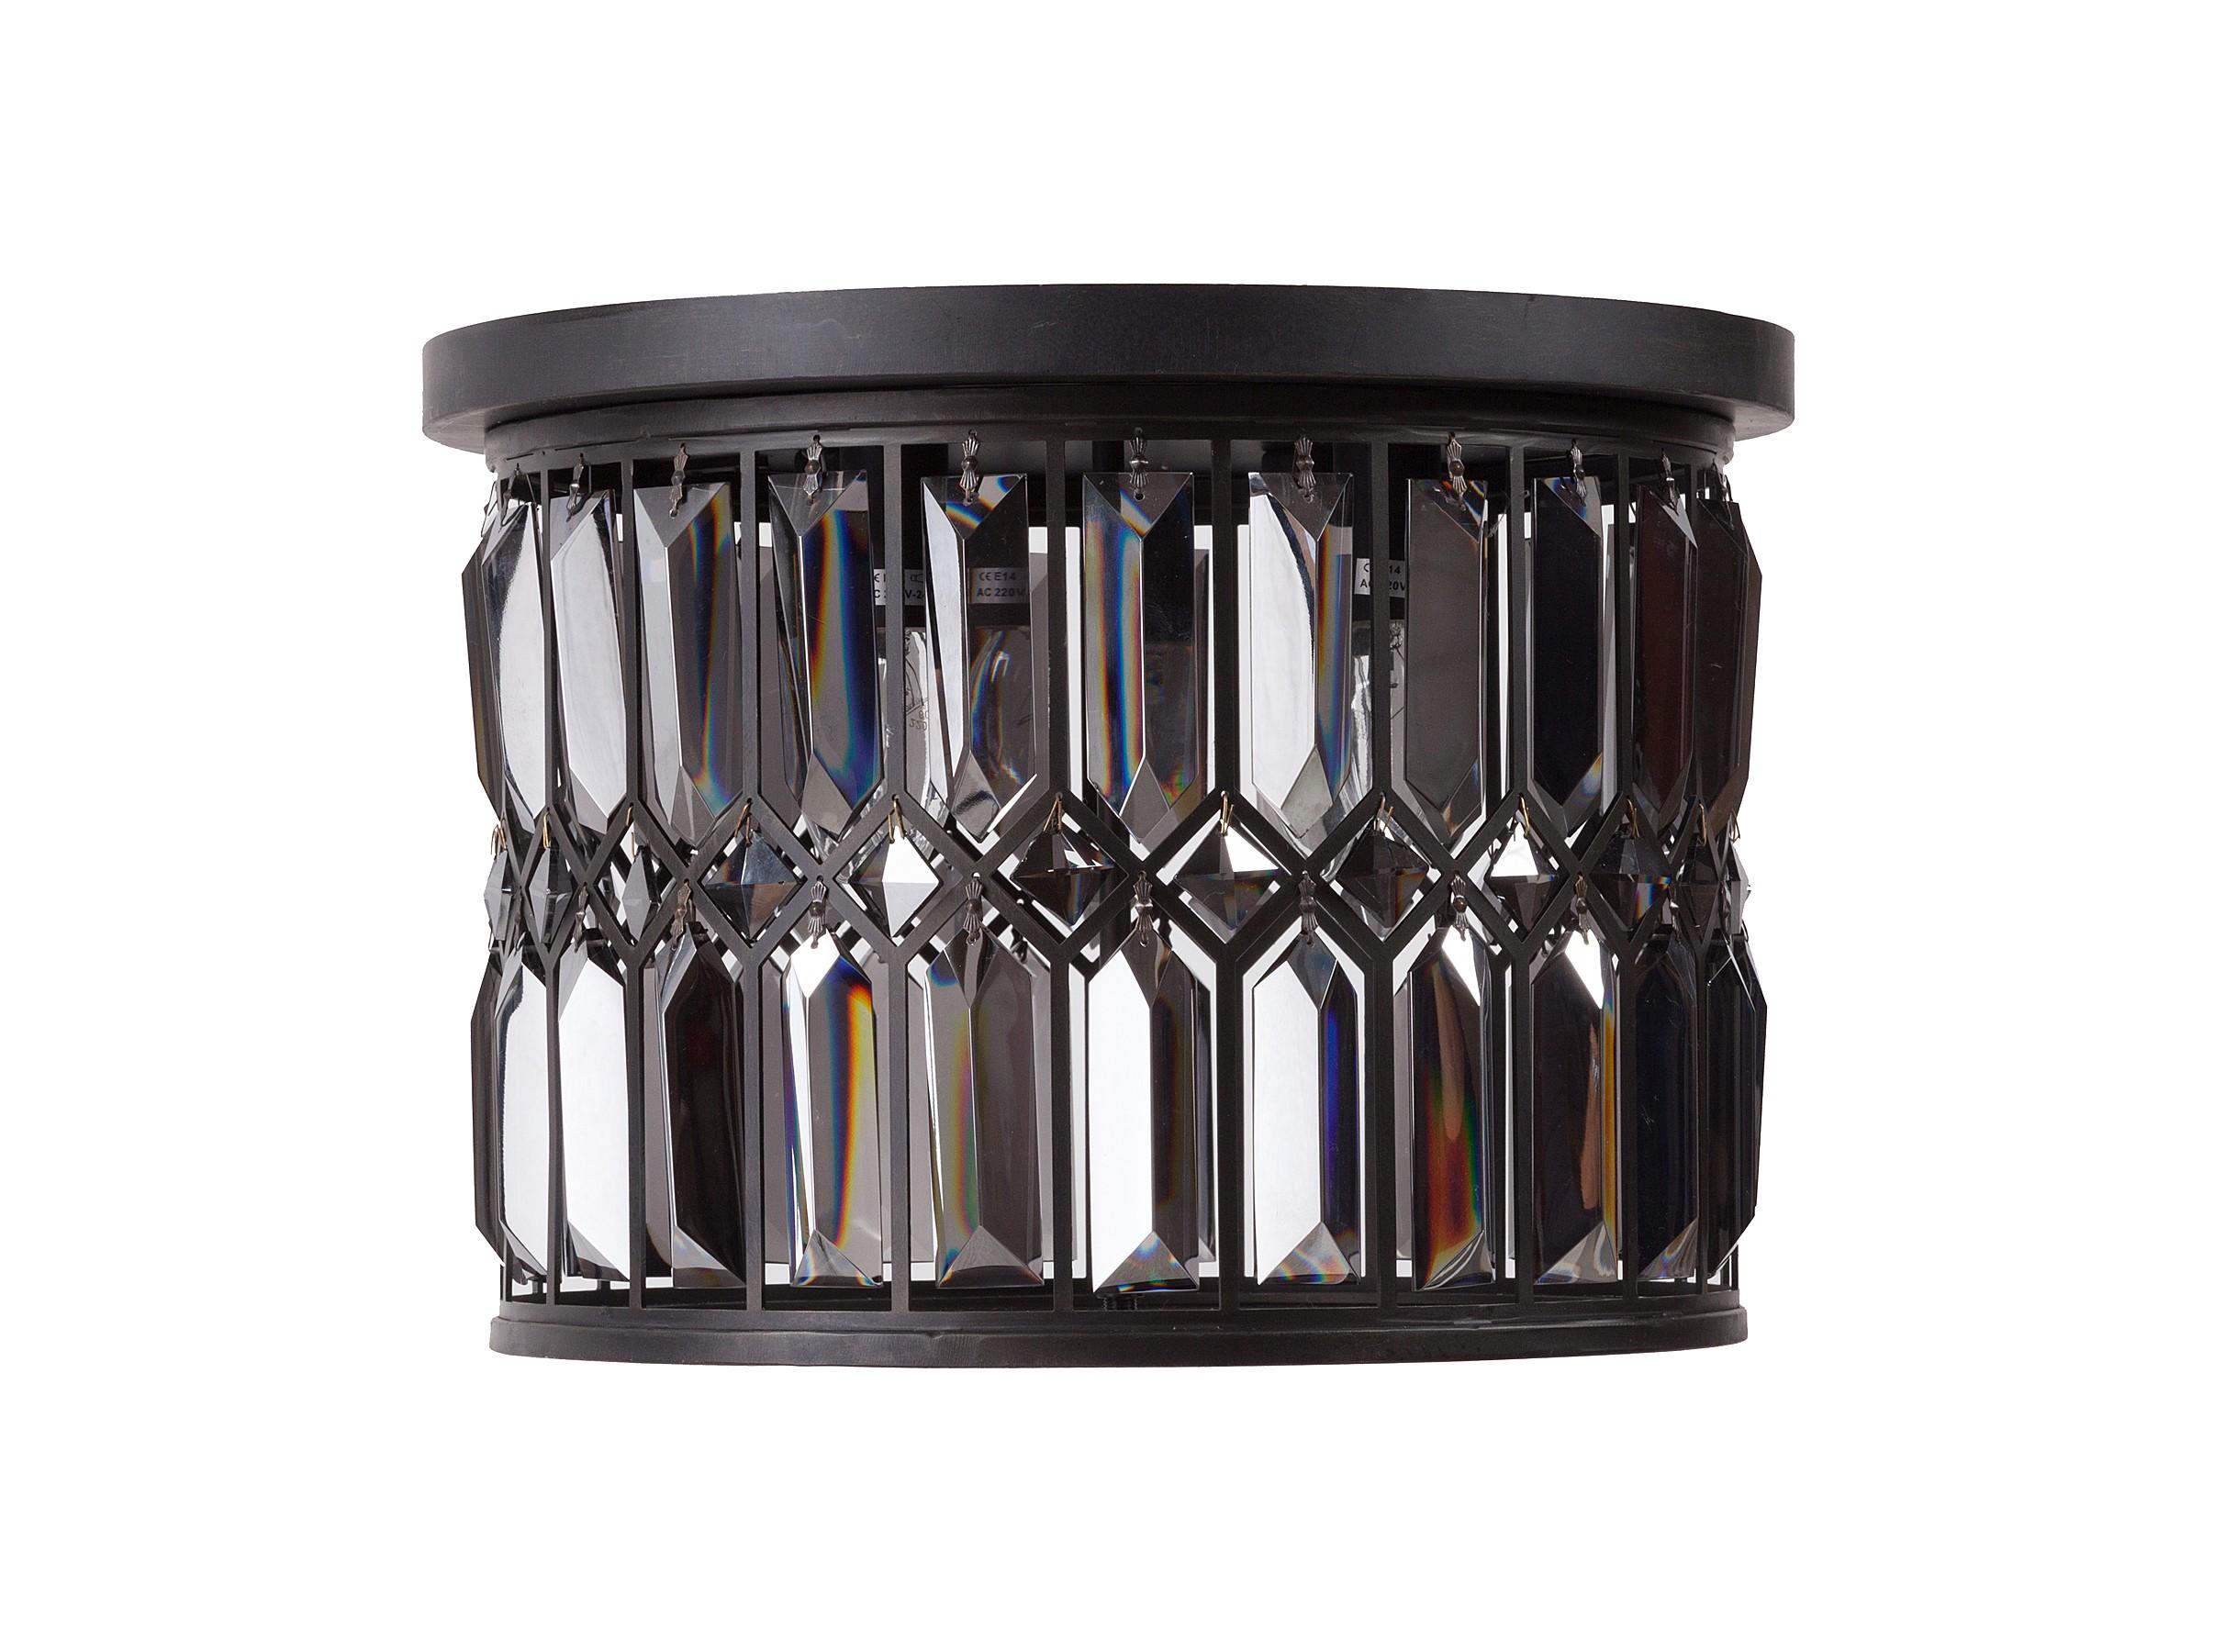 Светильник VincelloПотолочные светильники<br>Элегантный светильник Vincello удачно подчеркнет классический и современный интерьер, создаст мягкое уютное рассеянное освещение, атмосферу гармонии и уюта. Строгая грация этой люстры поражает воображение и моментально привлекает взгляд. Благодаря подвижным кристаллам, расположенным по всей поверхности абажура, ваш интерьер всегда будет залит светом и украшен хрустальными бликами.&amp;lt;div&amp;gt;&amp;lt;br&amp;gt;&amp;lt;/div&amp;gt;&amp;lt;div&amp;gt;&amp;lt;div&amp;gt;Вид цоколя: Е14&amp;lt;/div&amp;gt;&amp;lt;div&amp;gt;Мощность ламп: 40W&amp;lt;/div&amp;gt;&amp;lt;div&amp;gt;Количество ламп: 4&amp;lt;/div&amp;gt;&amp;lt;div&amp;gt;Наличие ламп: нет&amp;lt;/div&amp;gt;&amp;lt;/div&amp;gt;<br><br>Material: Стекло<br>Высота см: 29